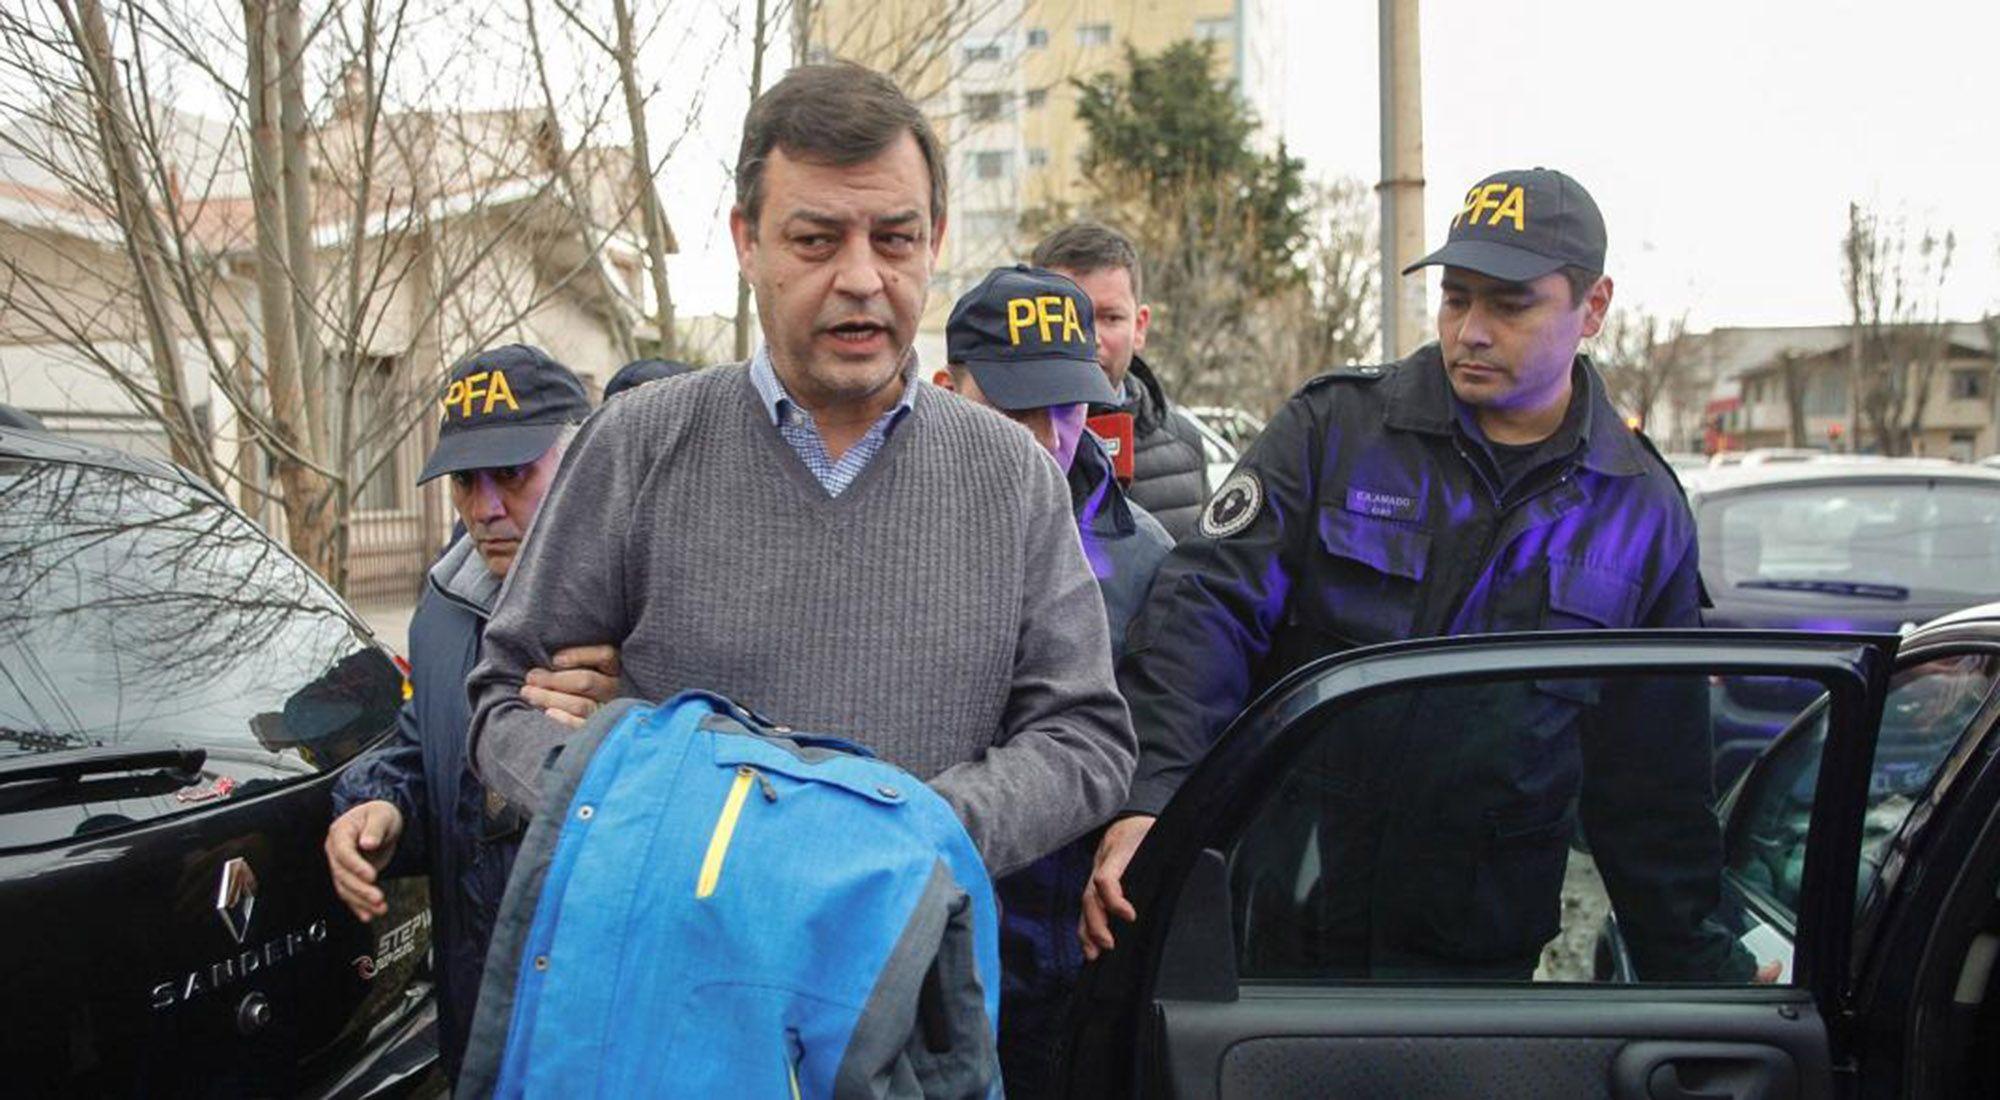 Manzanares ingresó al programa de protección de testigos y pidió que lo cambien de cárcel